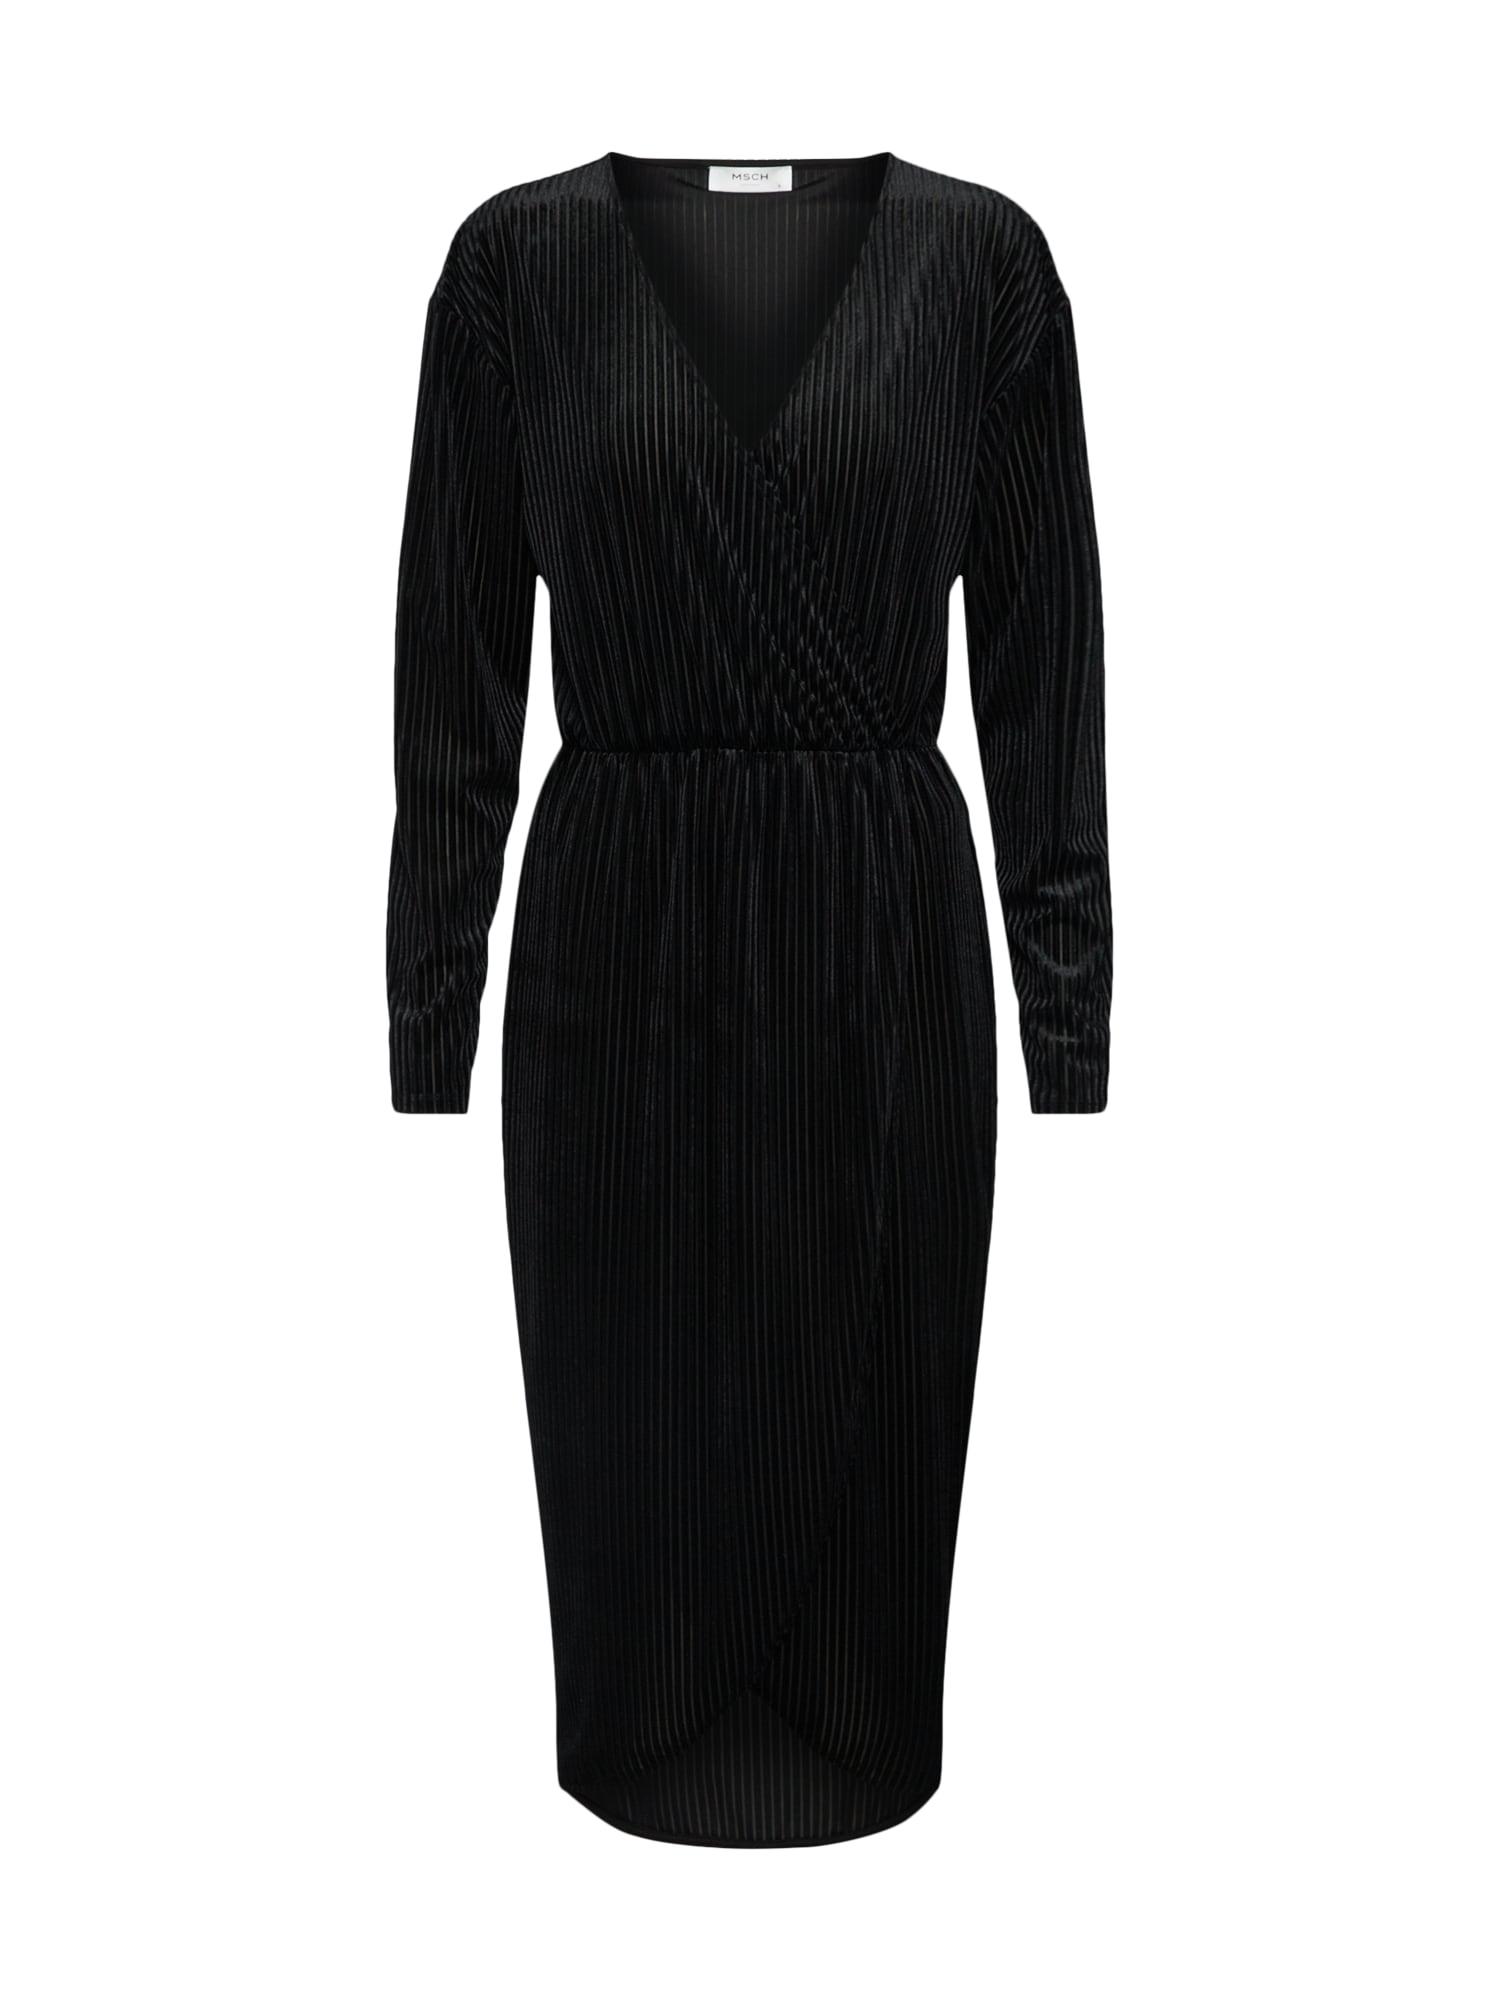 Šaty Vivo černá MOSS COPENHAGEN